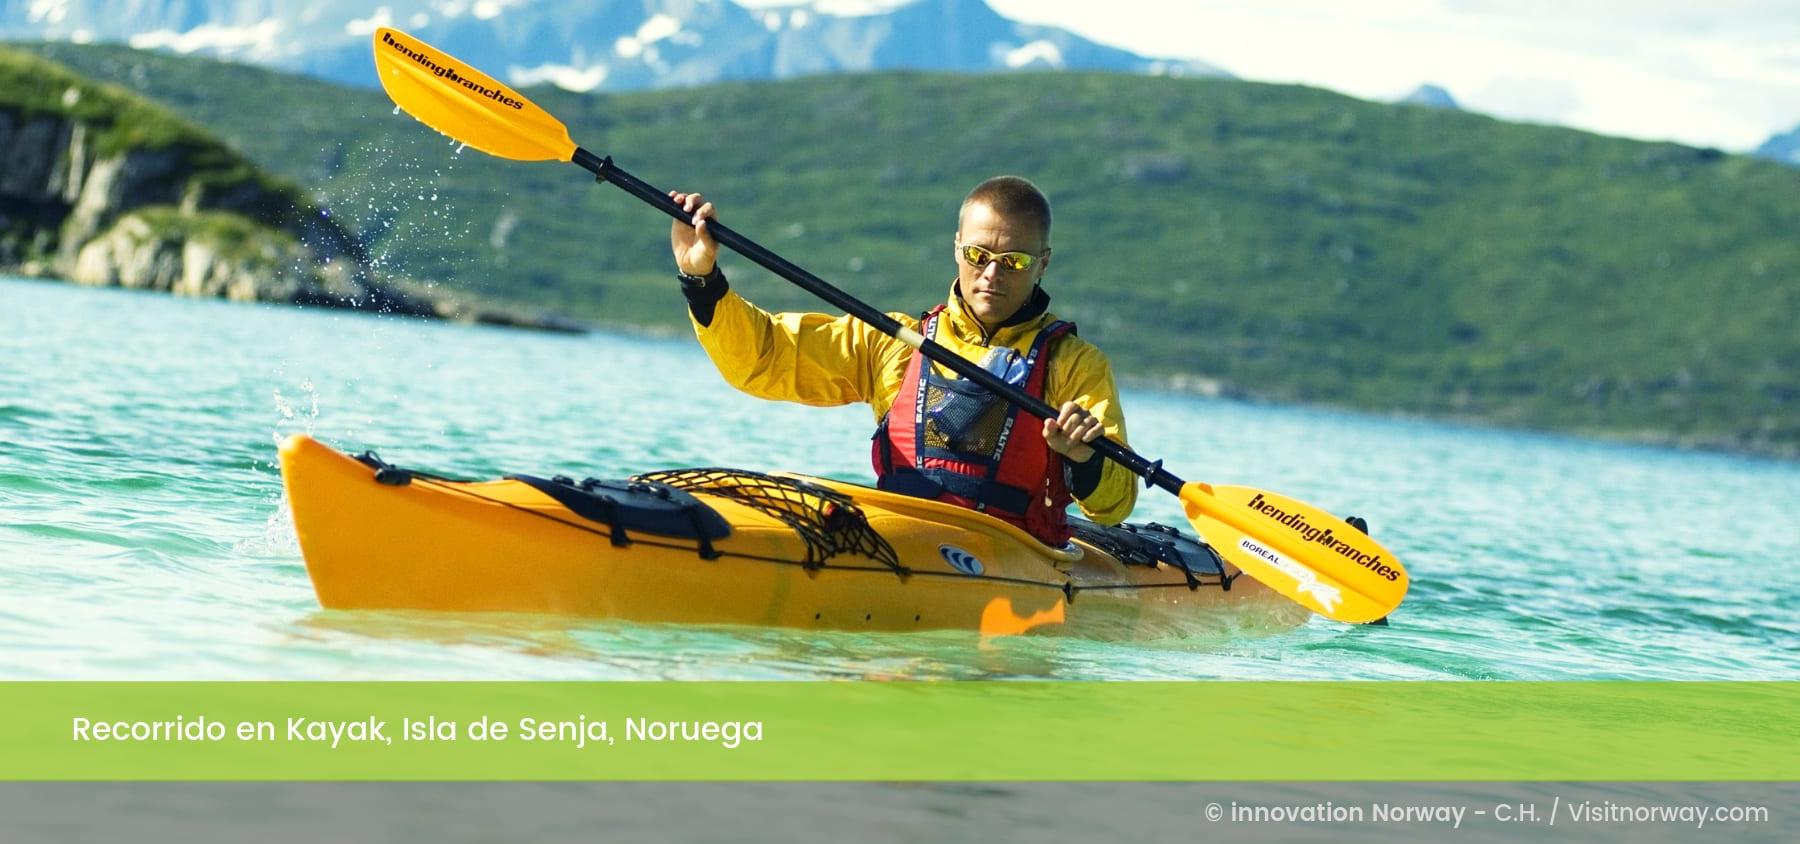 Recorrido en kayak Isla de Senja, Noruega